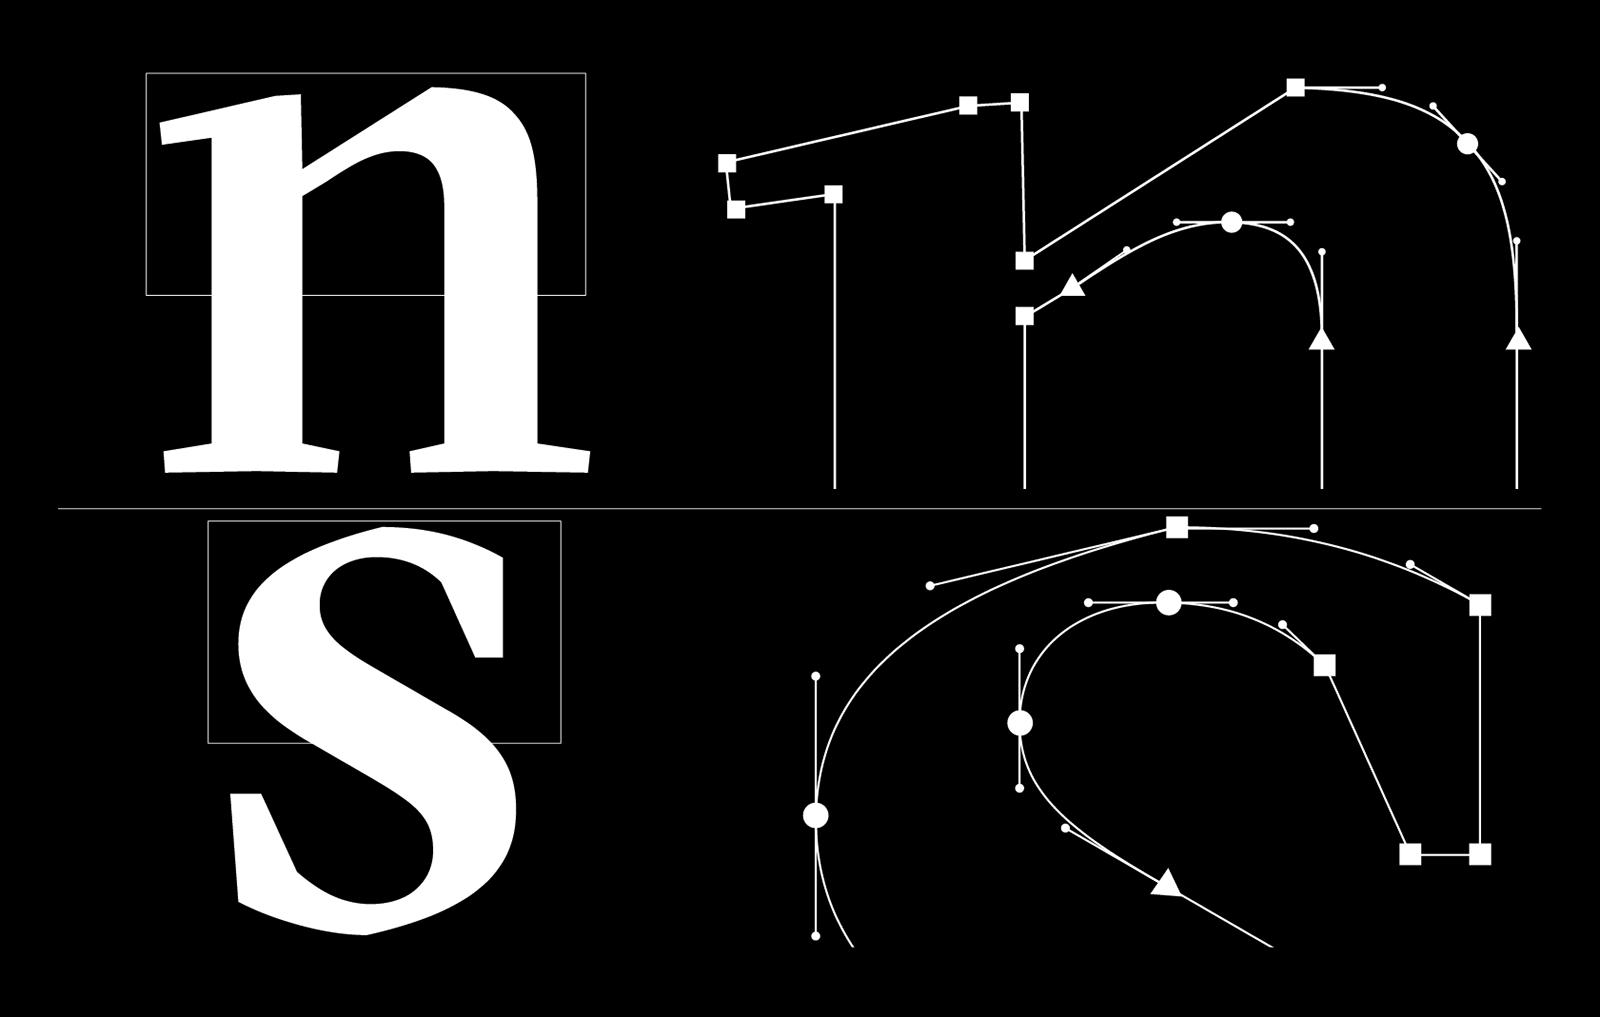 sectra-ilt11